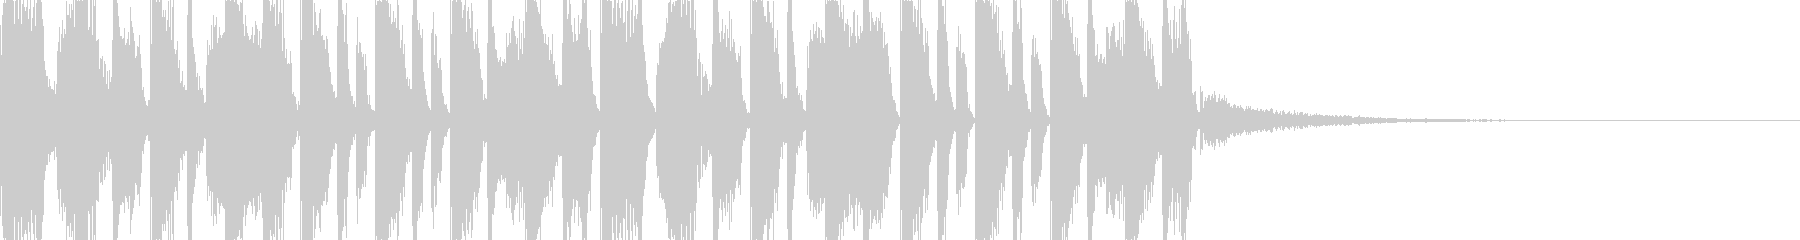 ダンサブルでダブステップなジングルBGMの未再生の波形